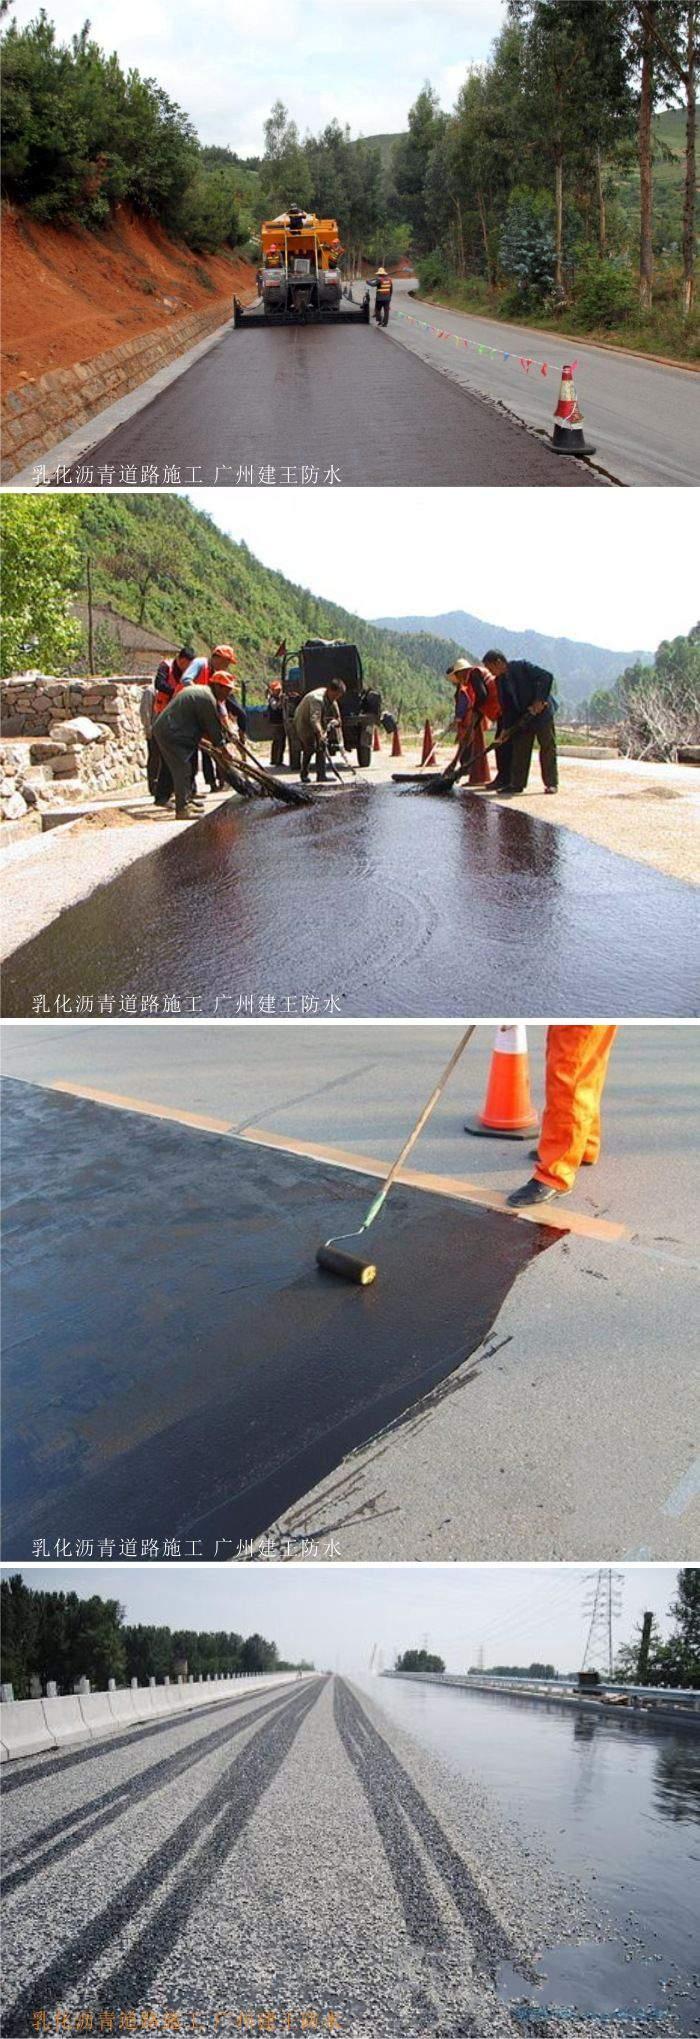 厂家长期销售专卖水乳型液体沥青 广州石化道路沥青50kg乳化沥青